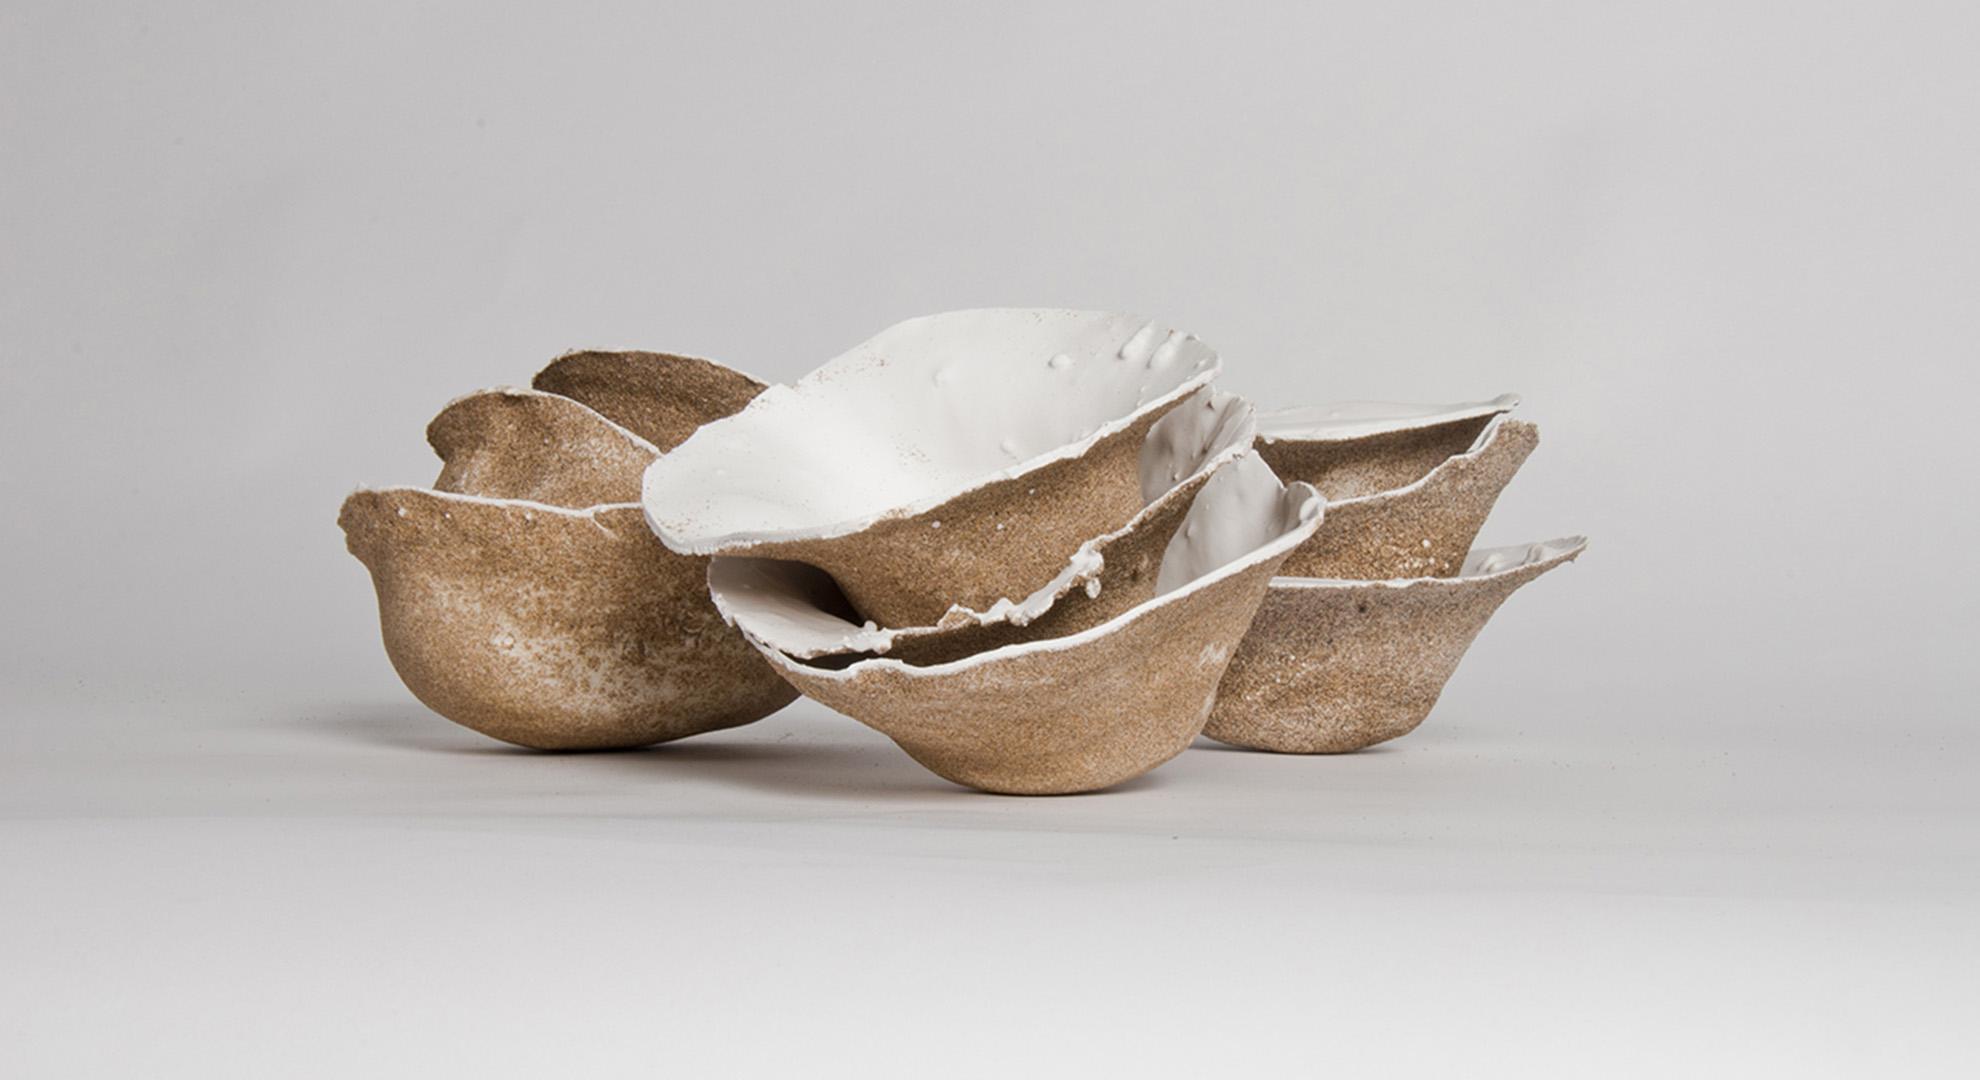 Ocean artwork. Areniscos bowls by Victor Castanera